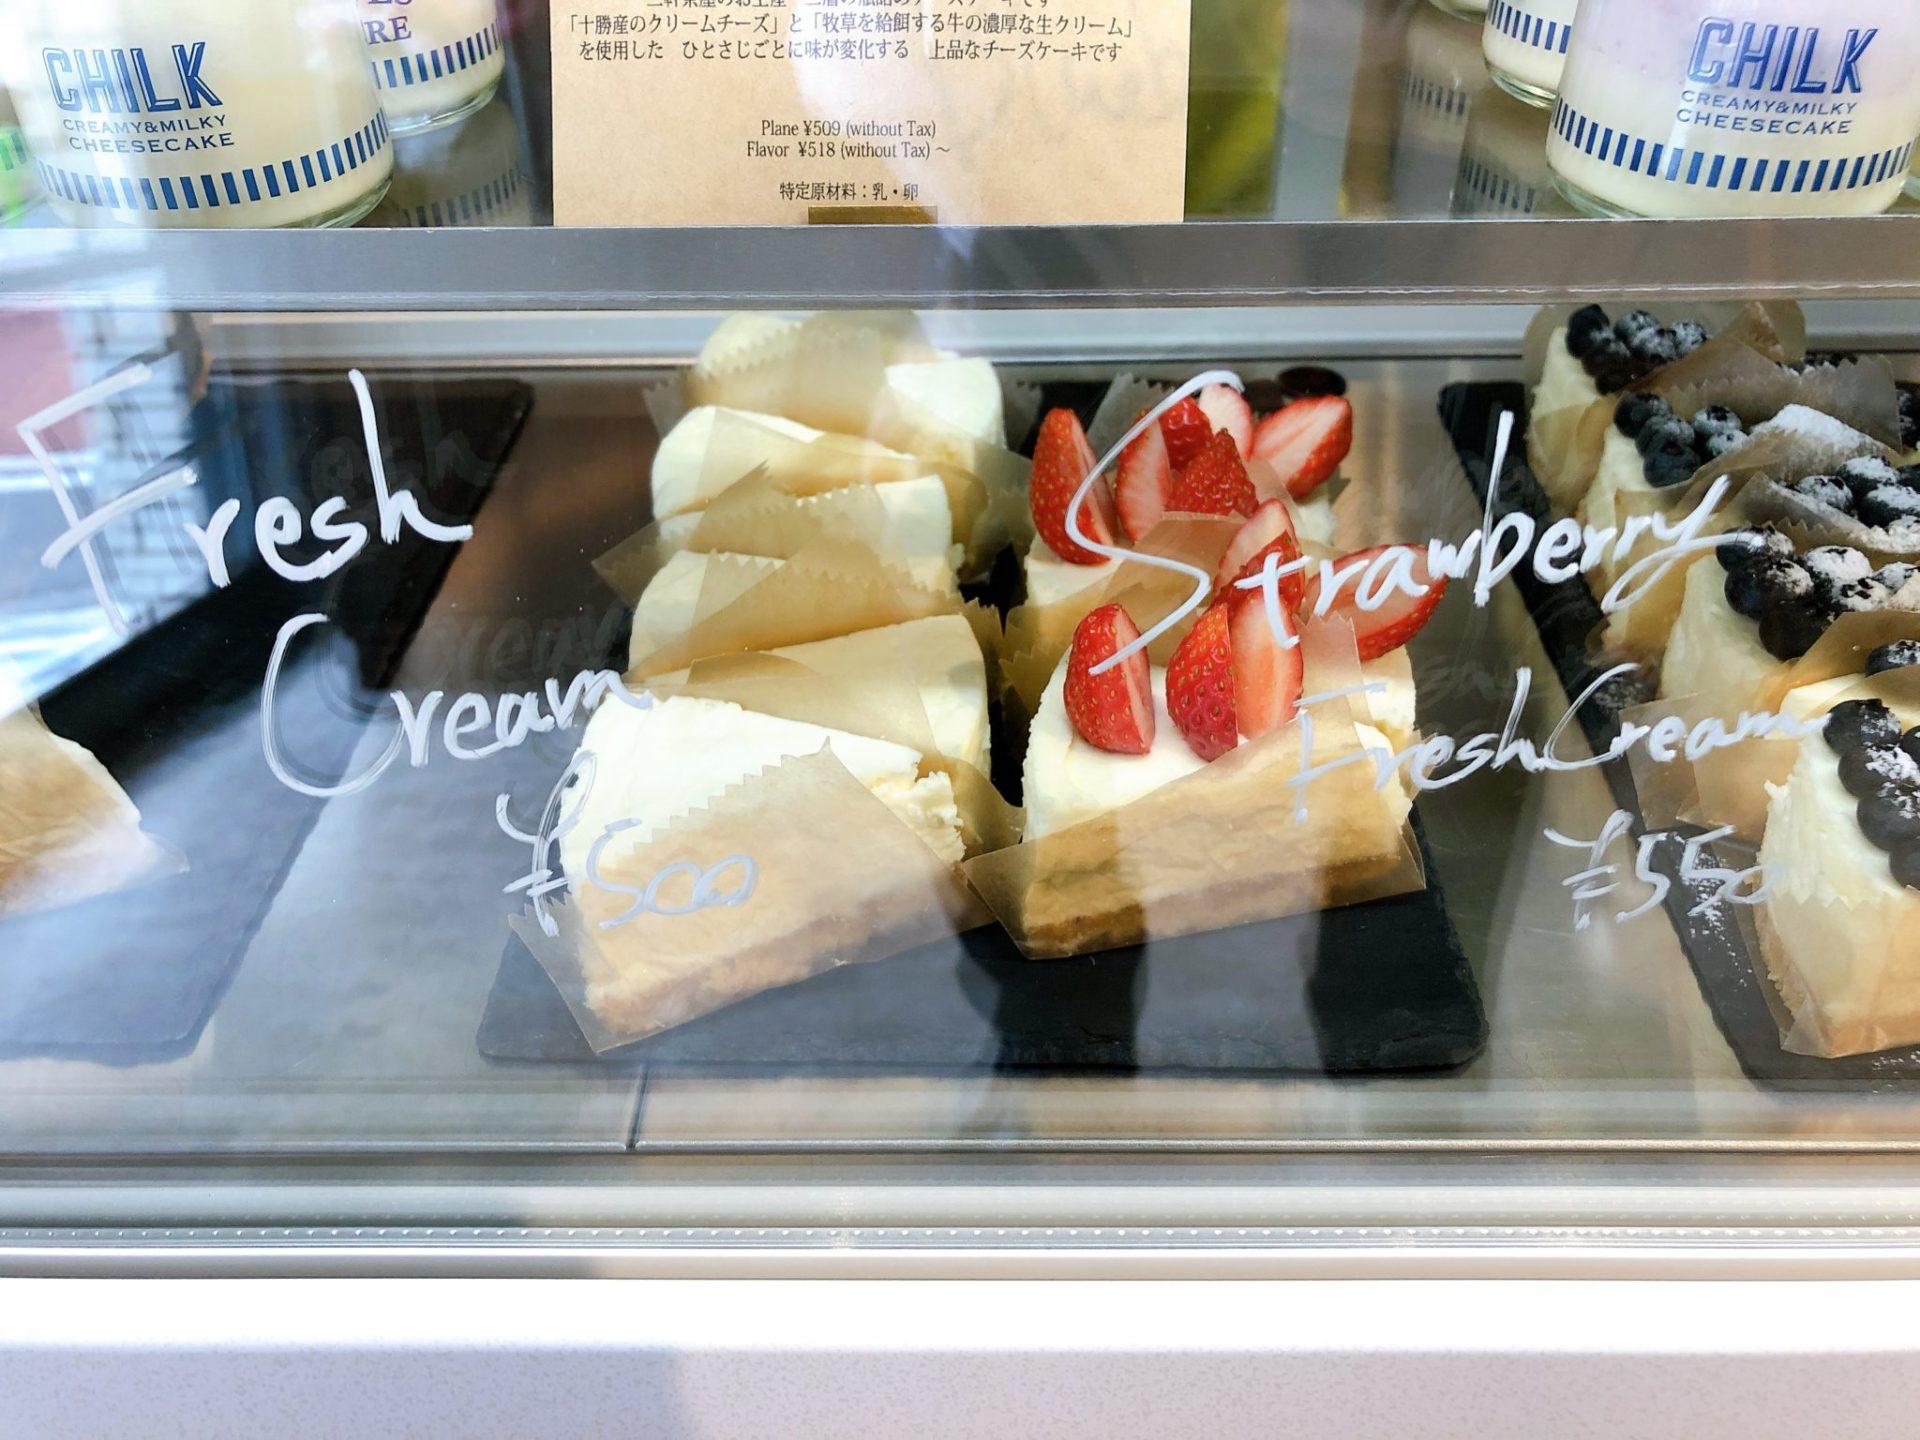 ザ サン リブズ ヒア ファクトリー(The SUN LIVES HERE Factory)三軒茶屋のチーズケーキ